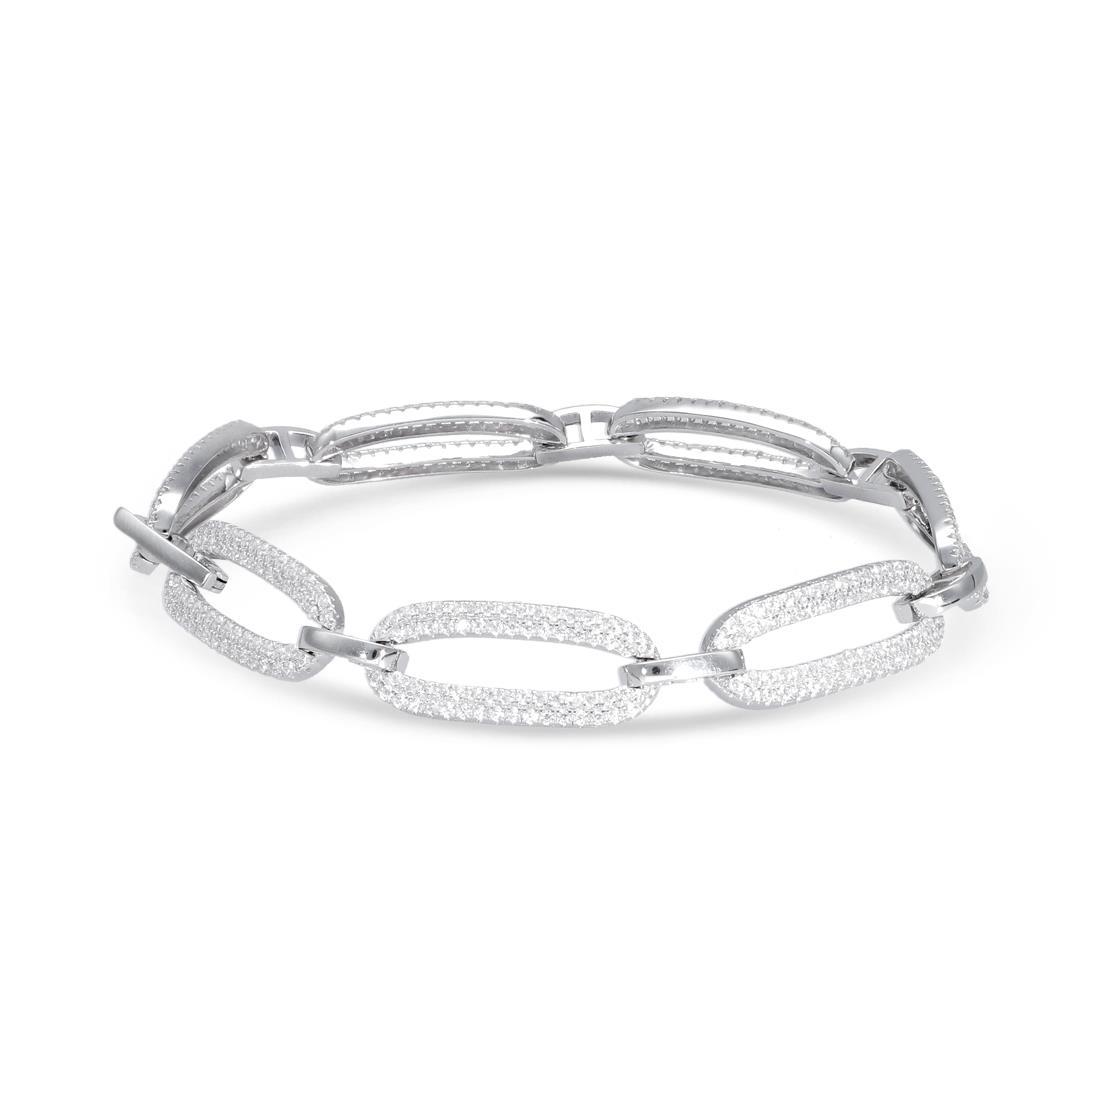 Bracciale catena in argento - ORO&CO 925